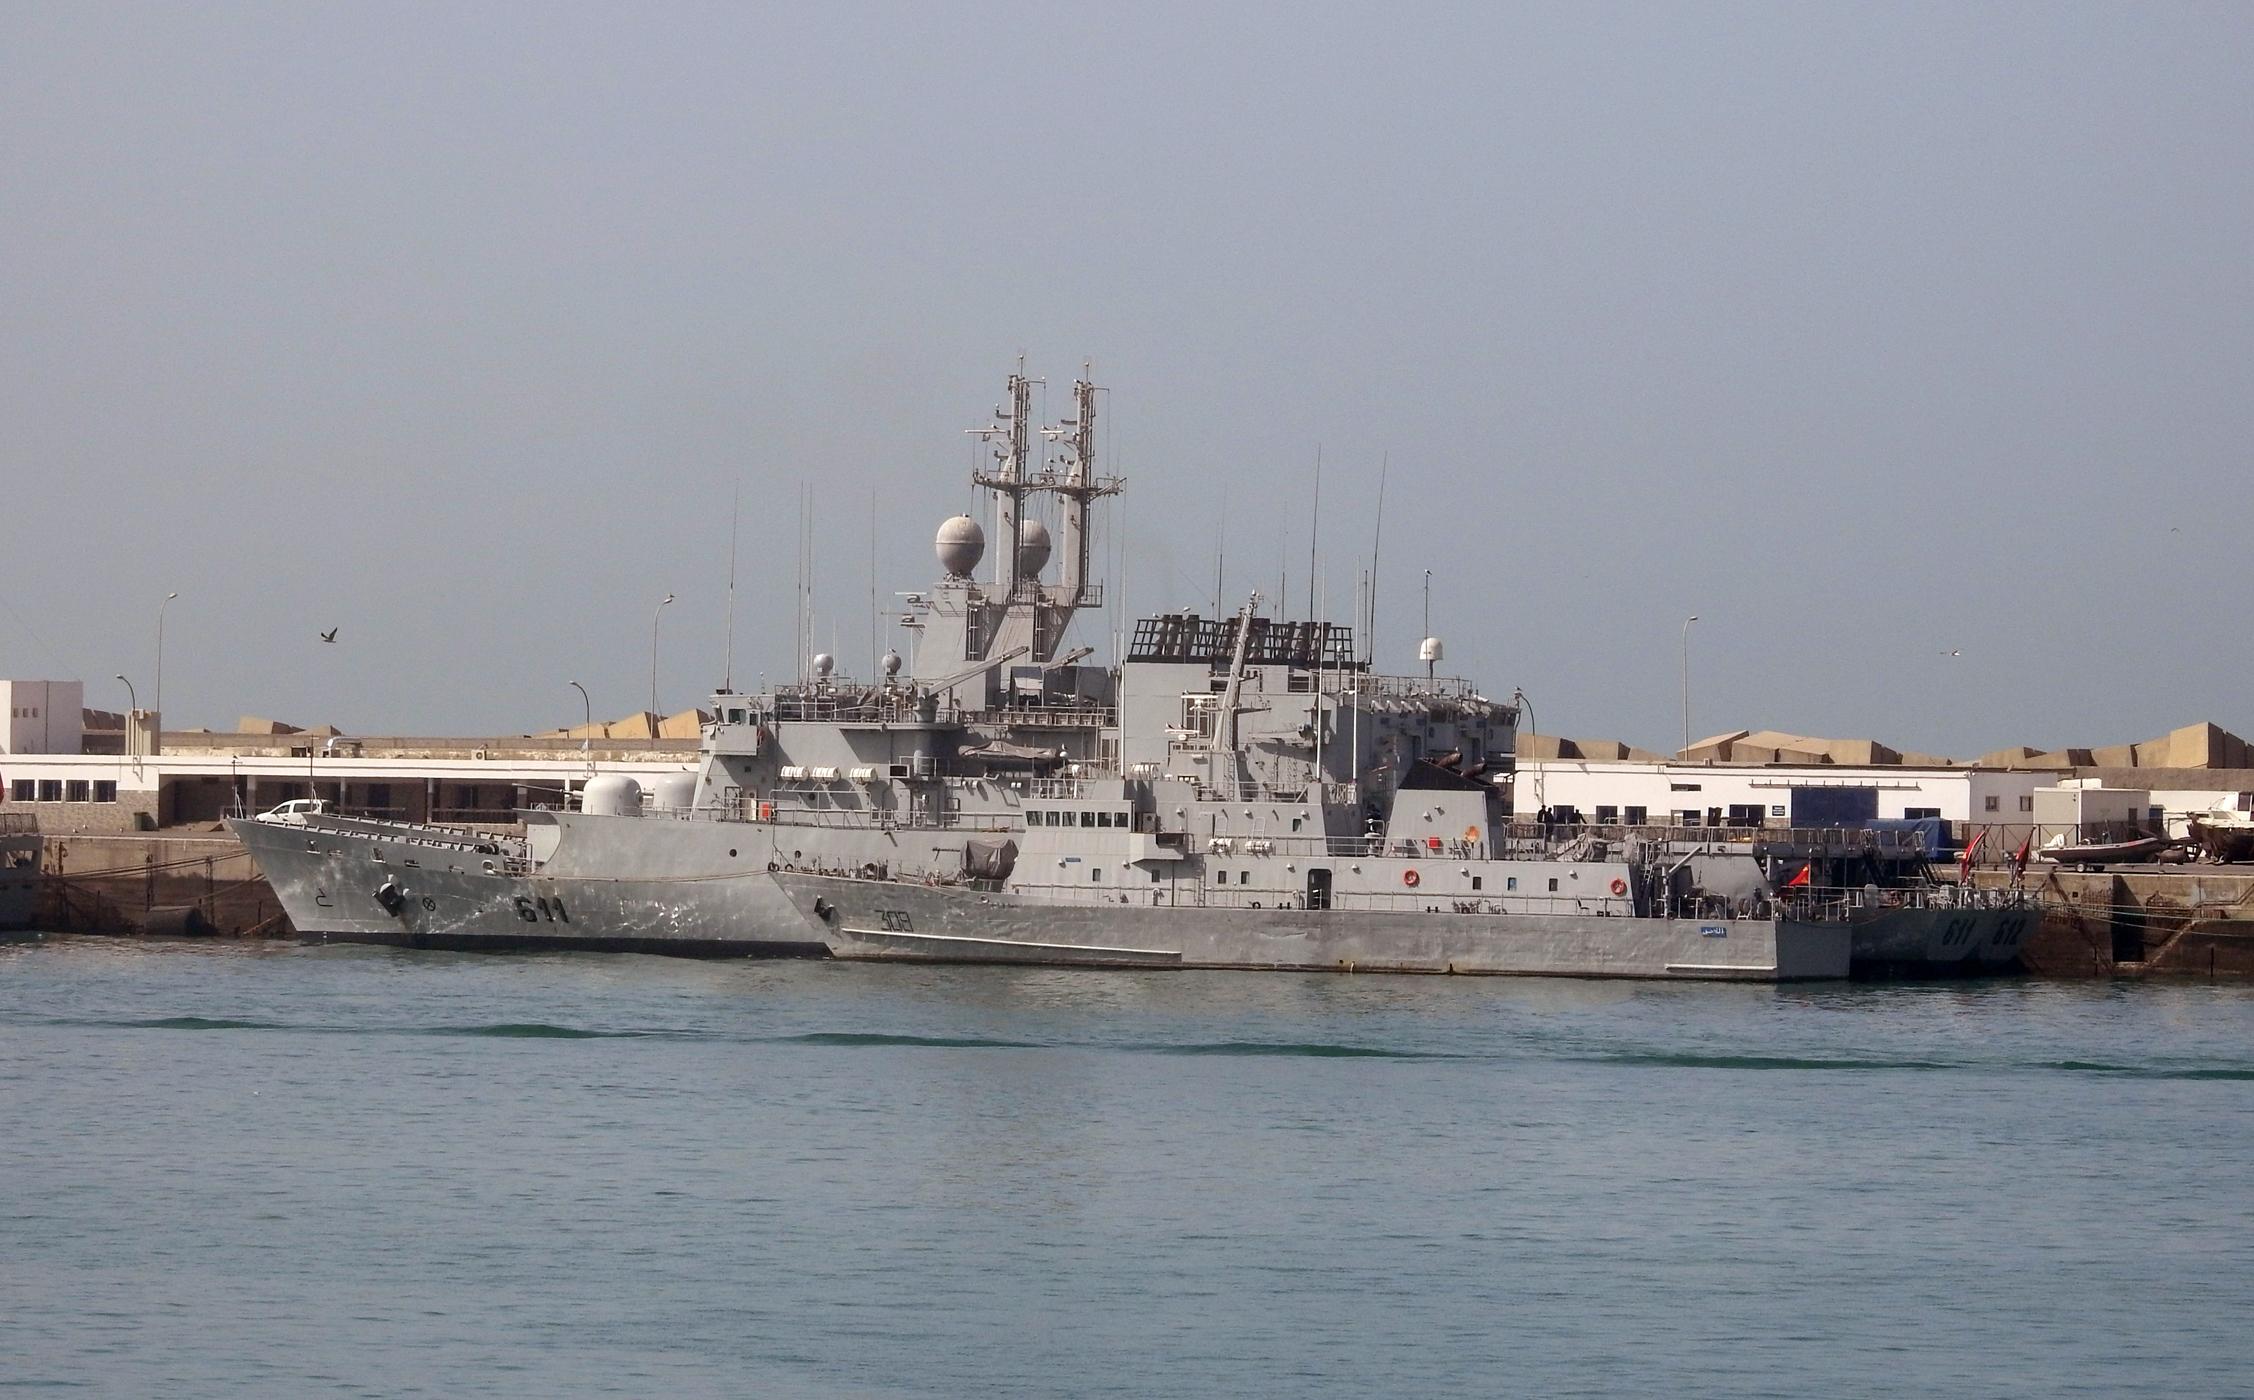 Royal Moroccan Navy Floréal Frigates / Frégates Floréal Marocaines - Page 14 3043066